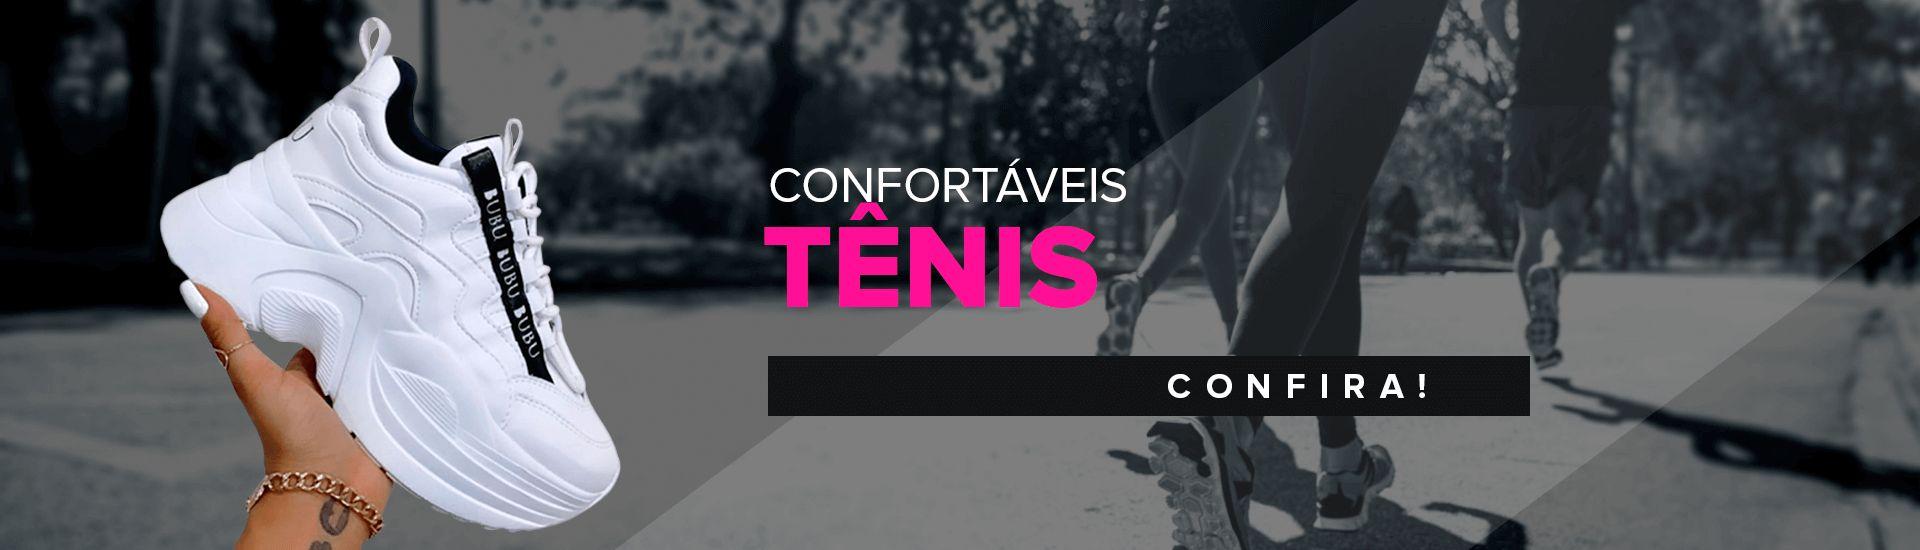 6. fullbanner tenis